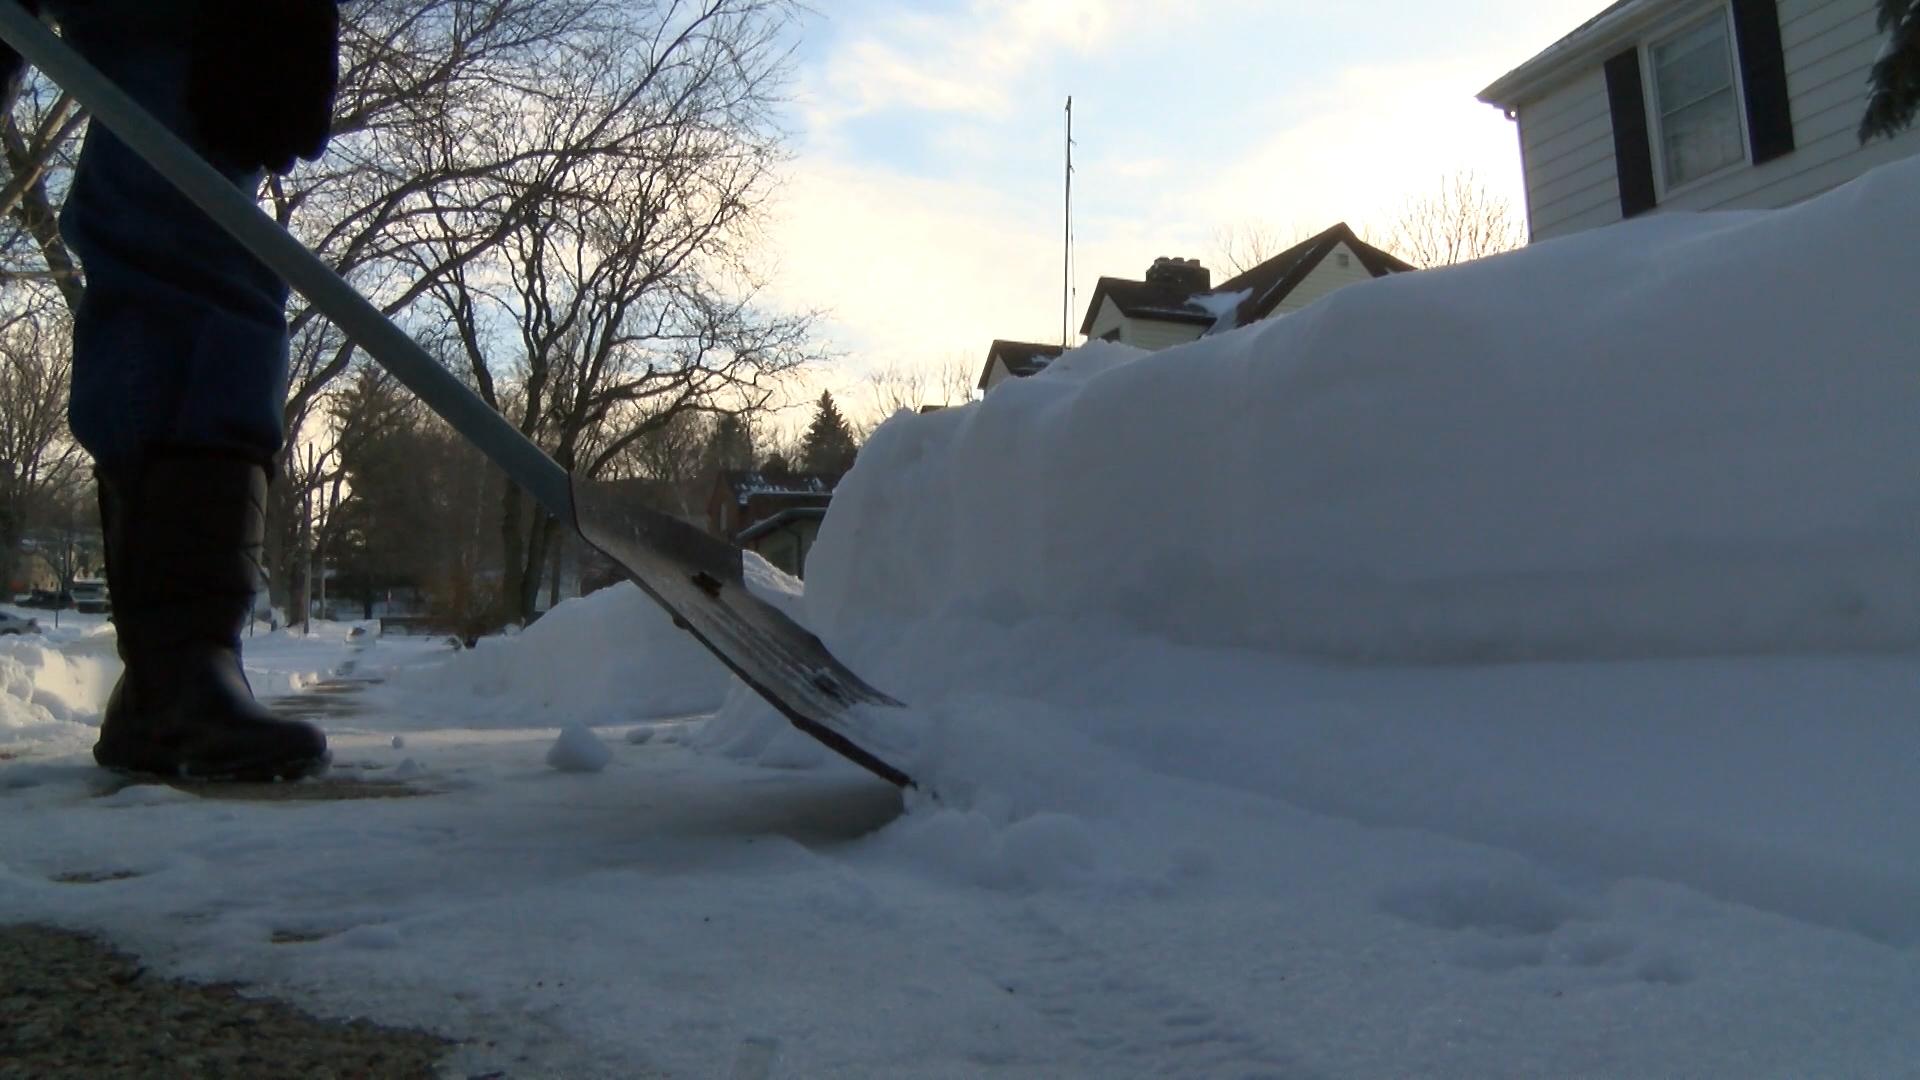 V YHM MM SNOW SHOVELING.00_00_03_16.Still001_1482747604186.jpg